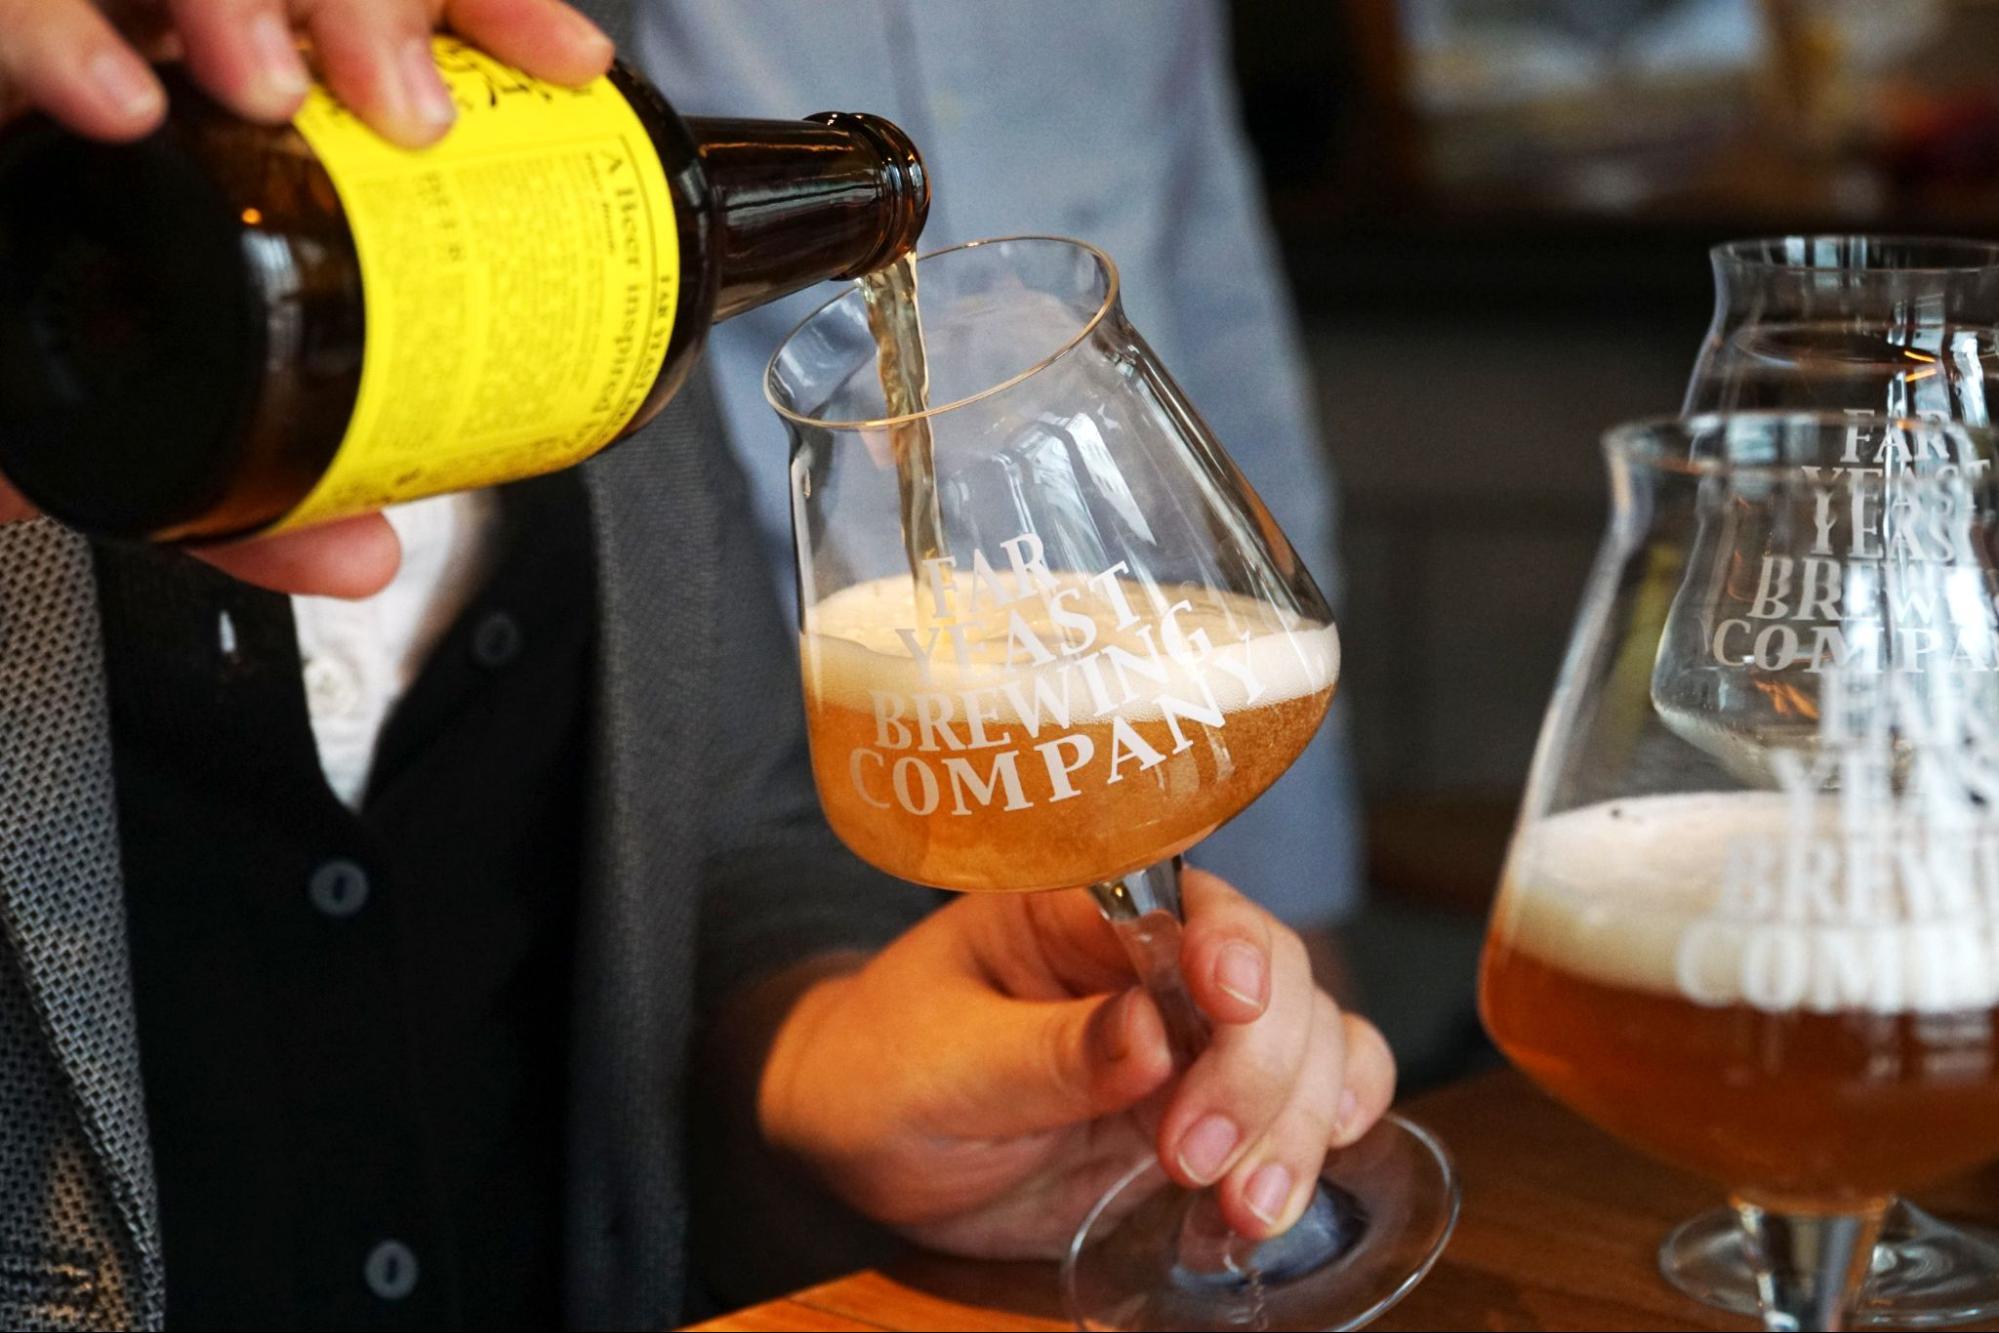 クラフトビールをグラスに注ぐ人